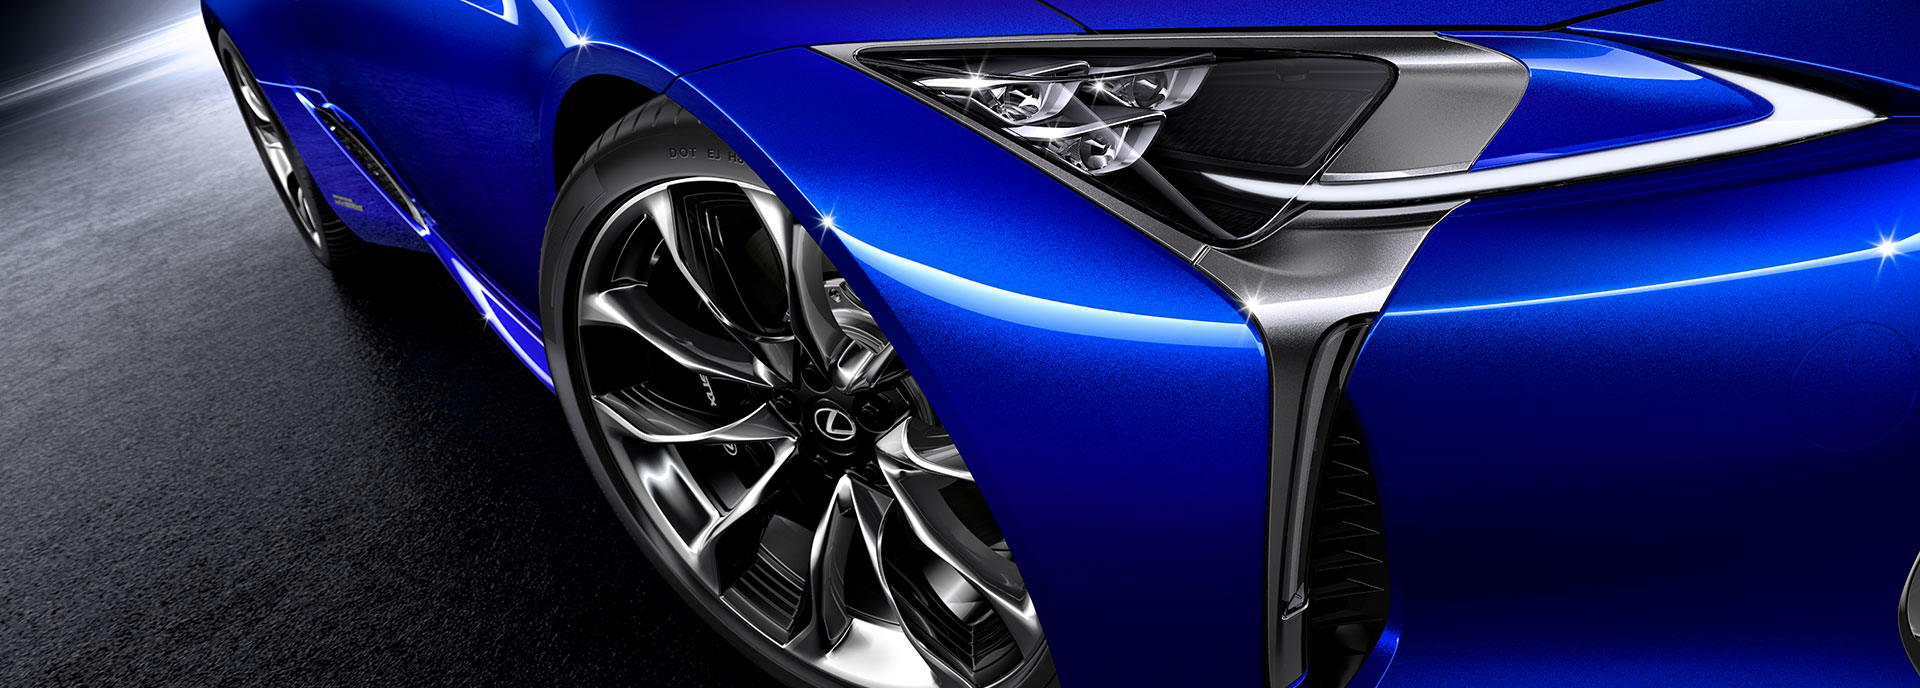 2017 Lexus LC 500h Exceptional Details